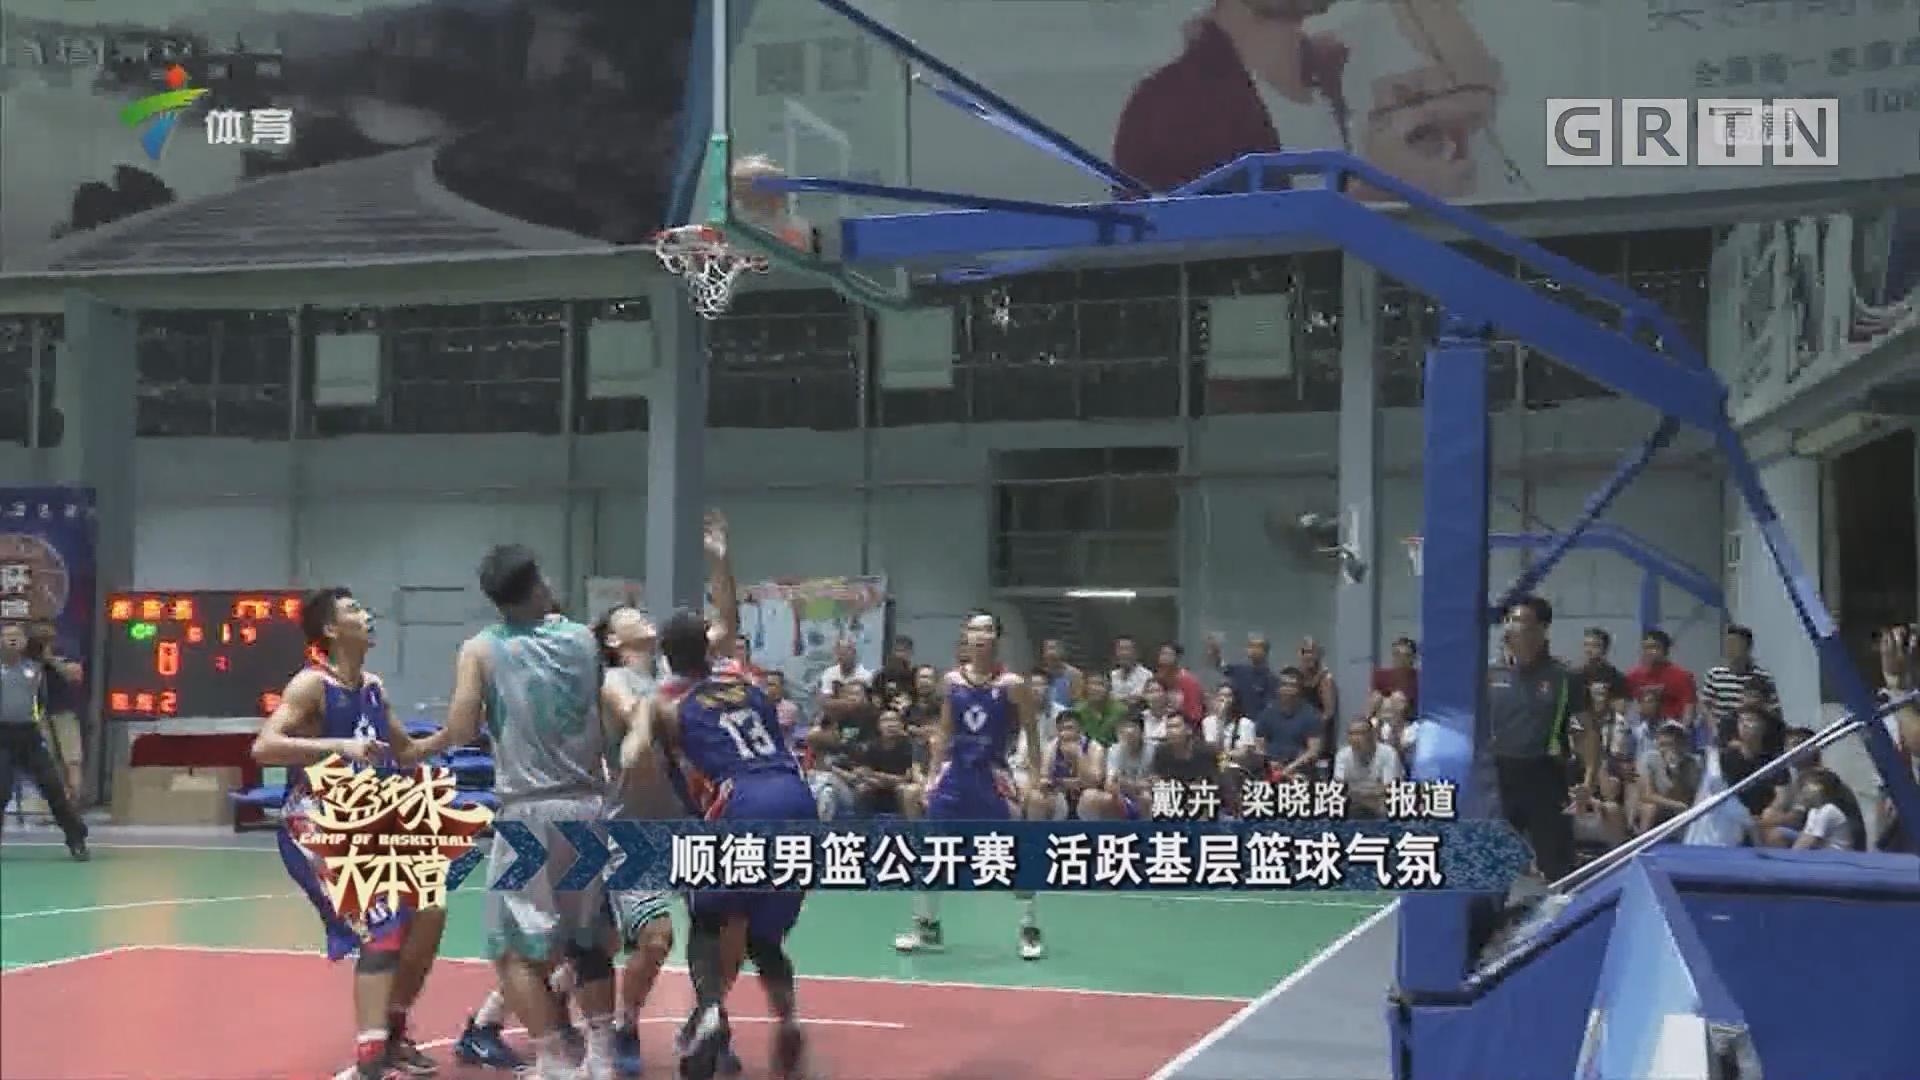 顺德男篮公开赛 活跃基层篮球气氛